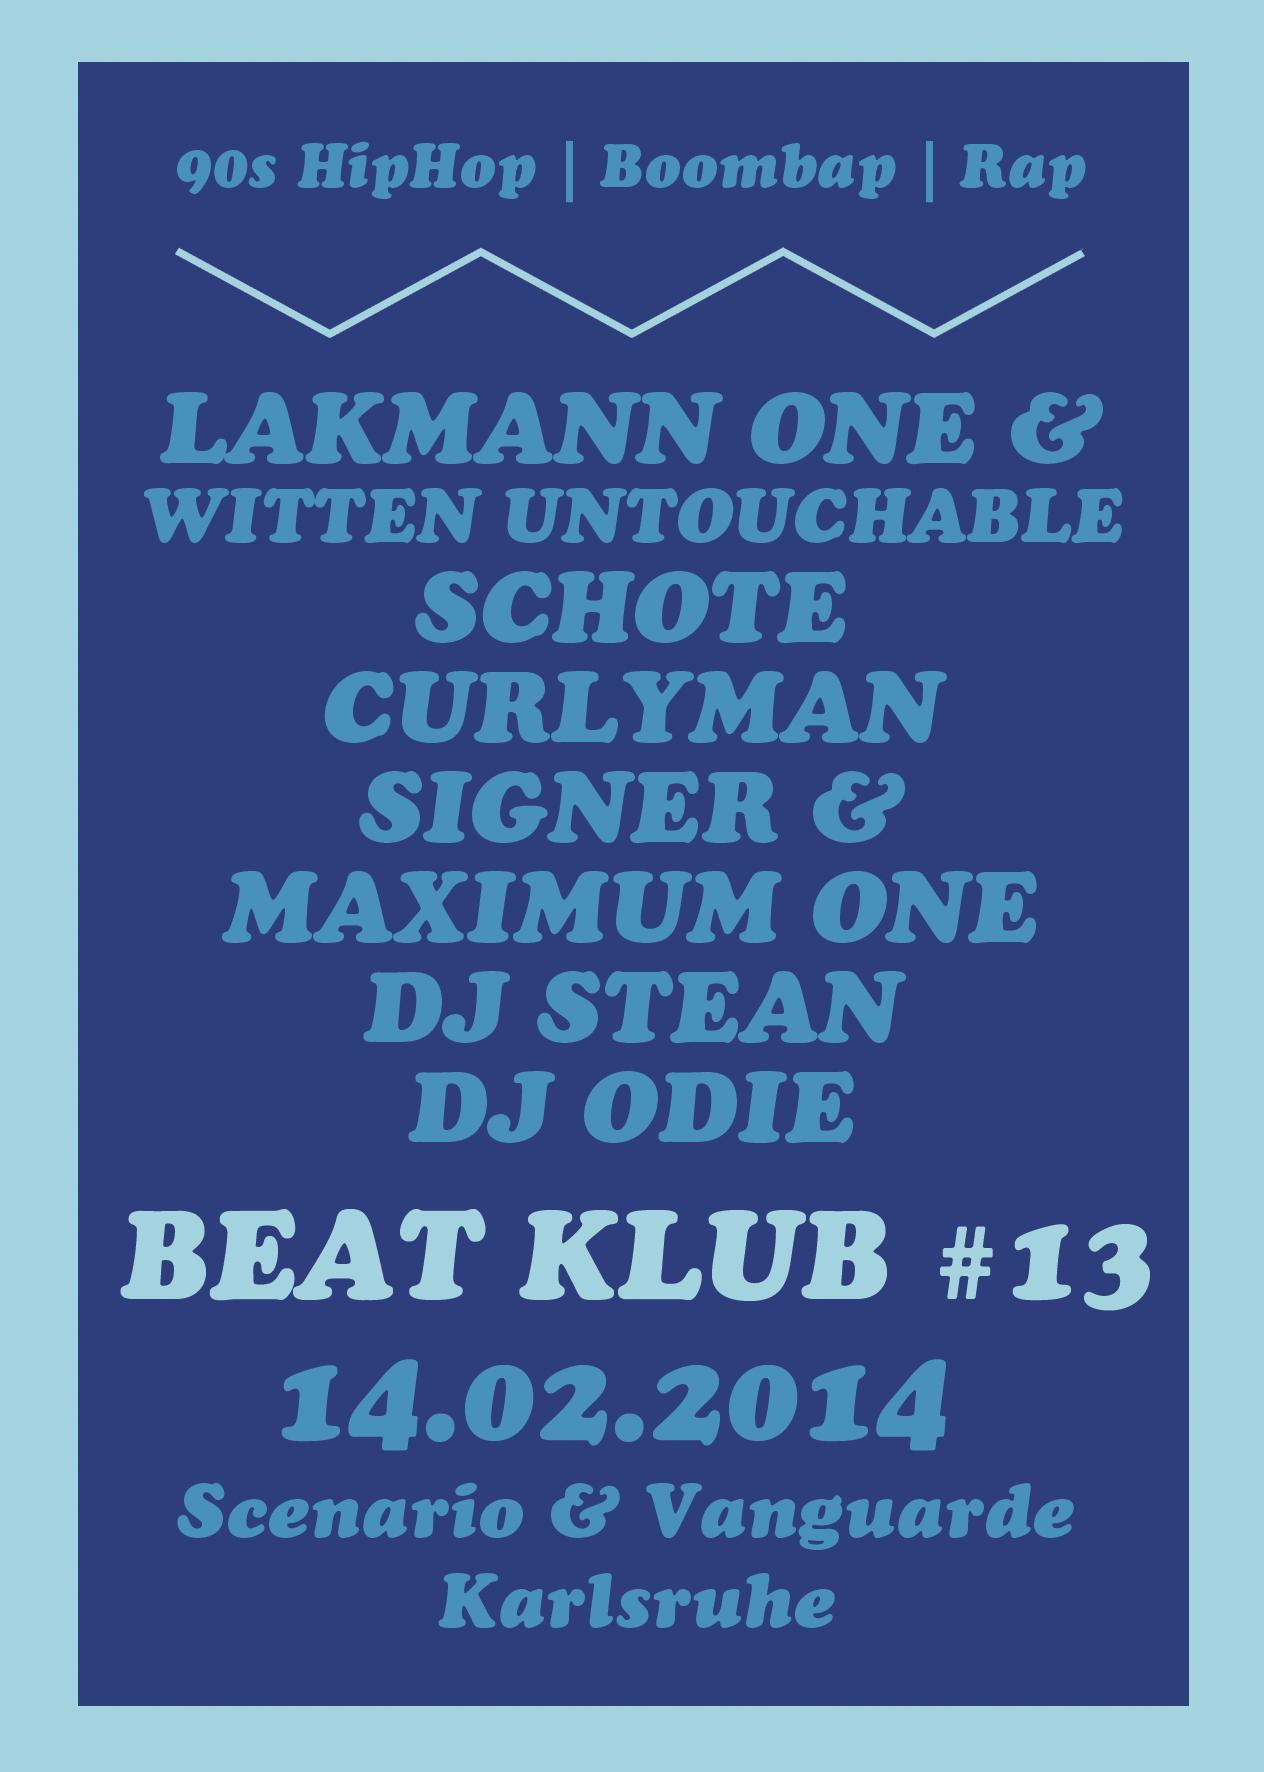 14.02.2014 | Beat Klub #13 mit Witten Untouchable (Lakmann One)